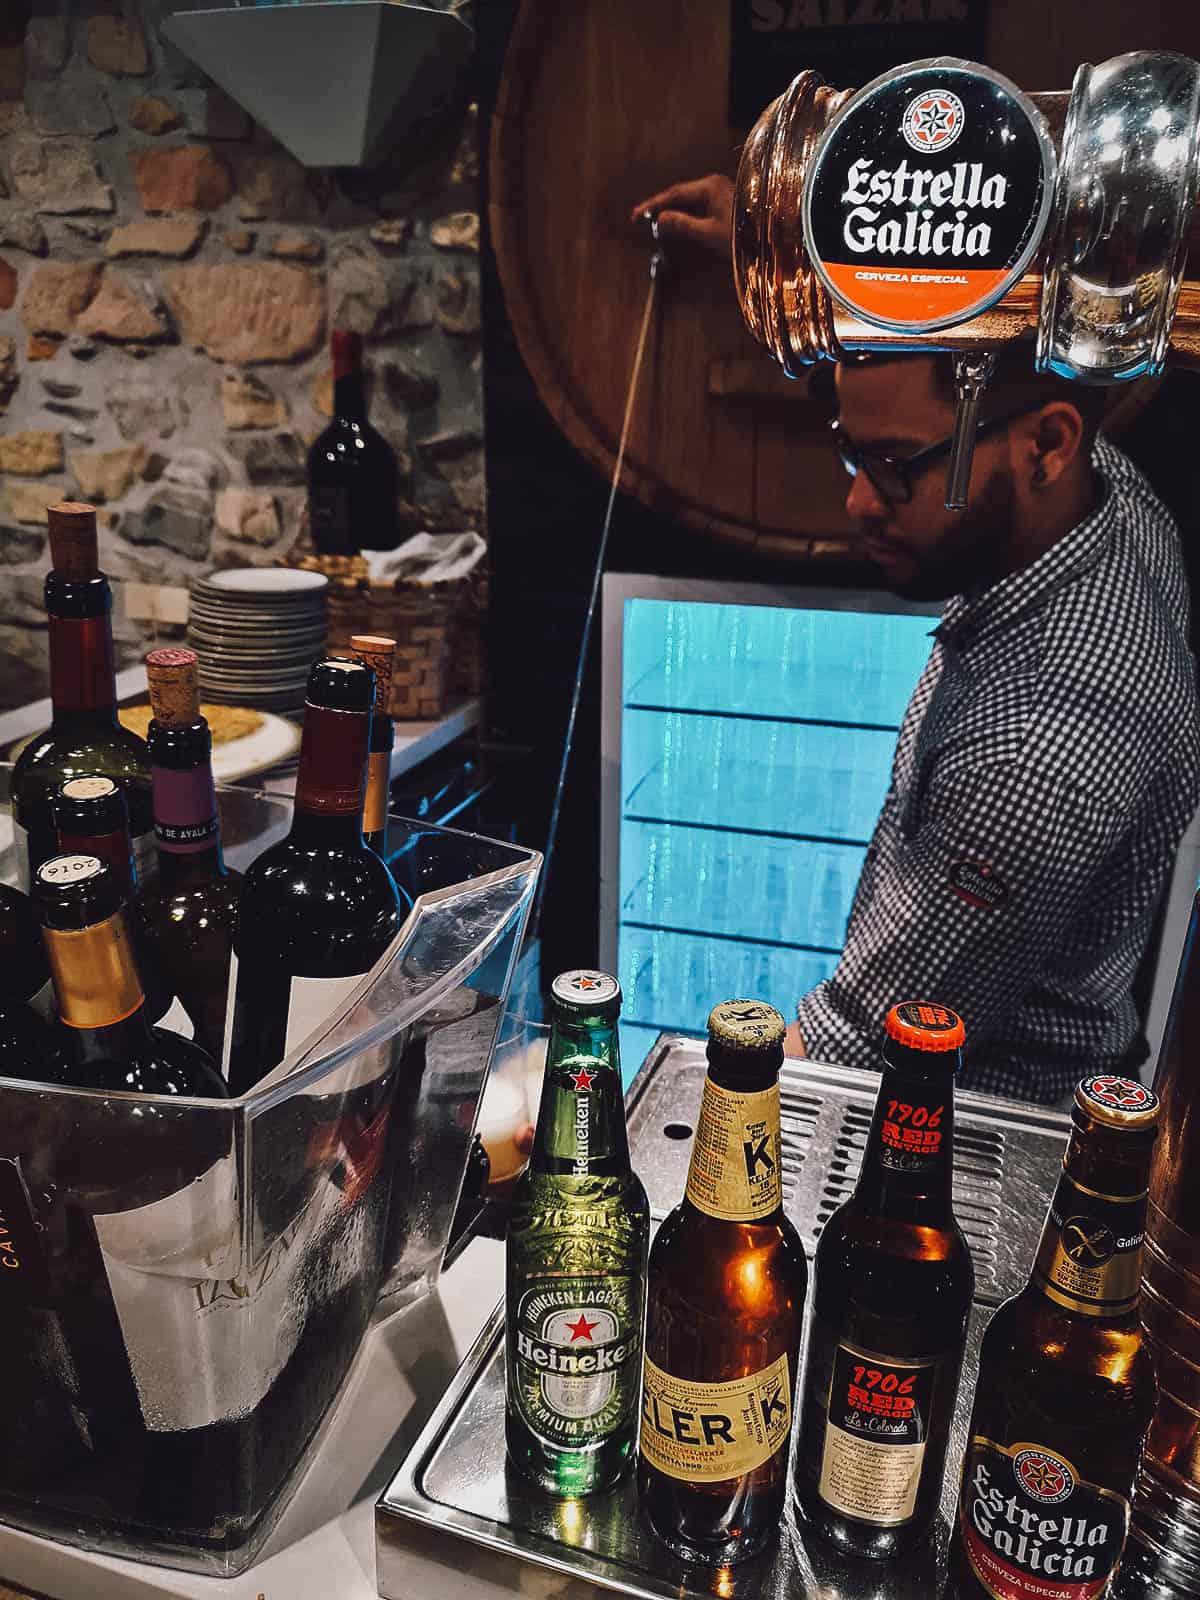 Bartender pouring cider